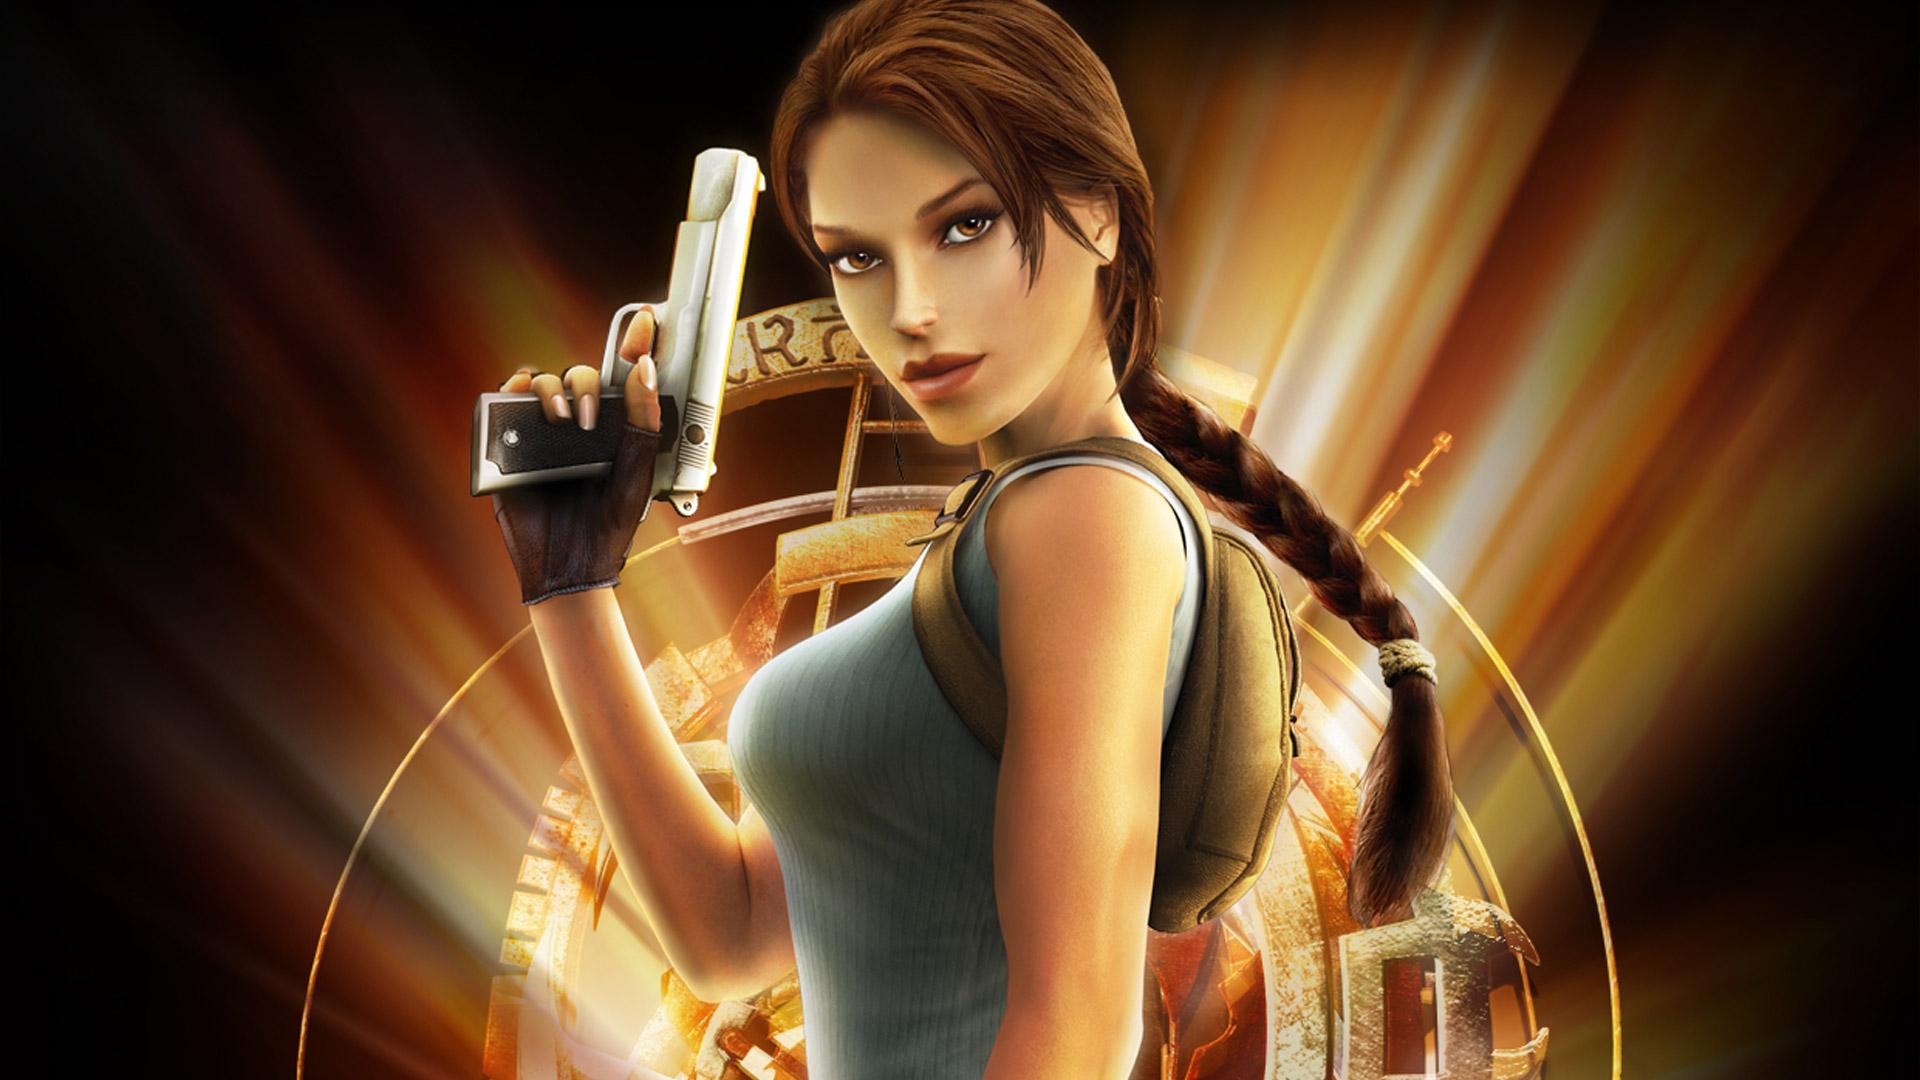 Tomb Raider Anniversary Wallpaper in 1920x1080 1920x1080